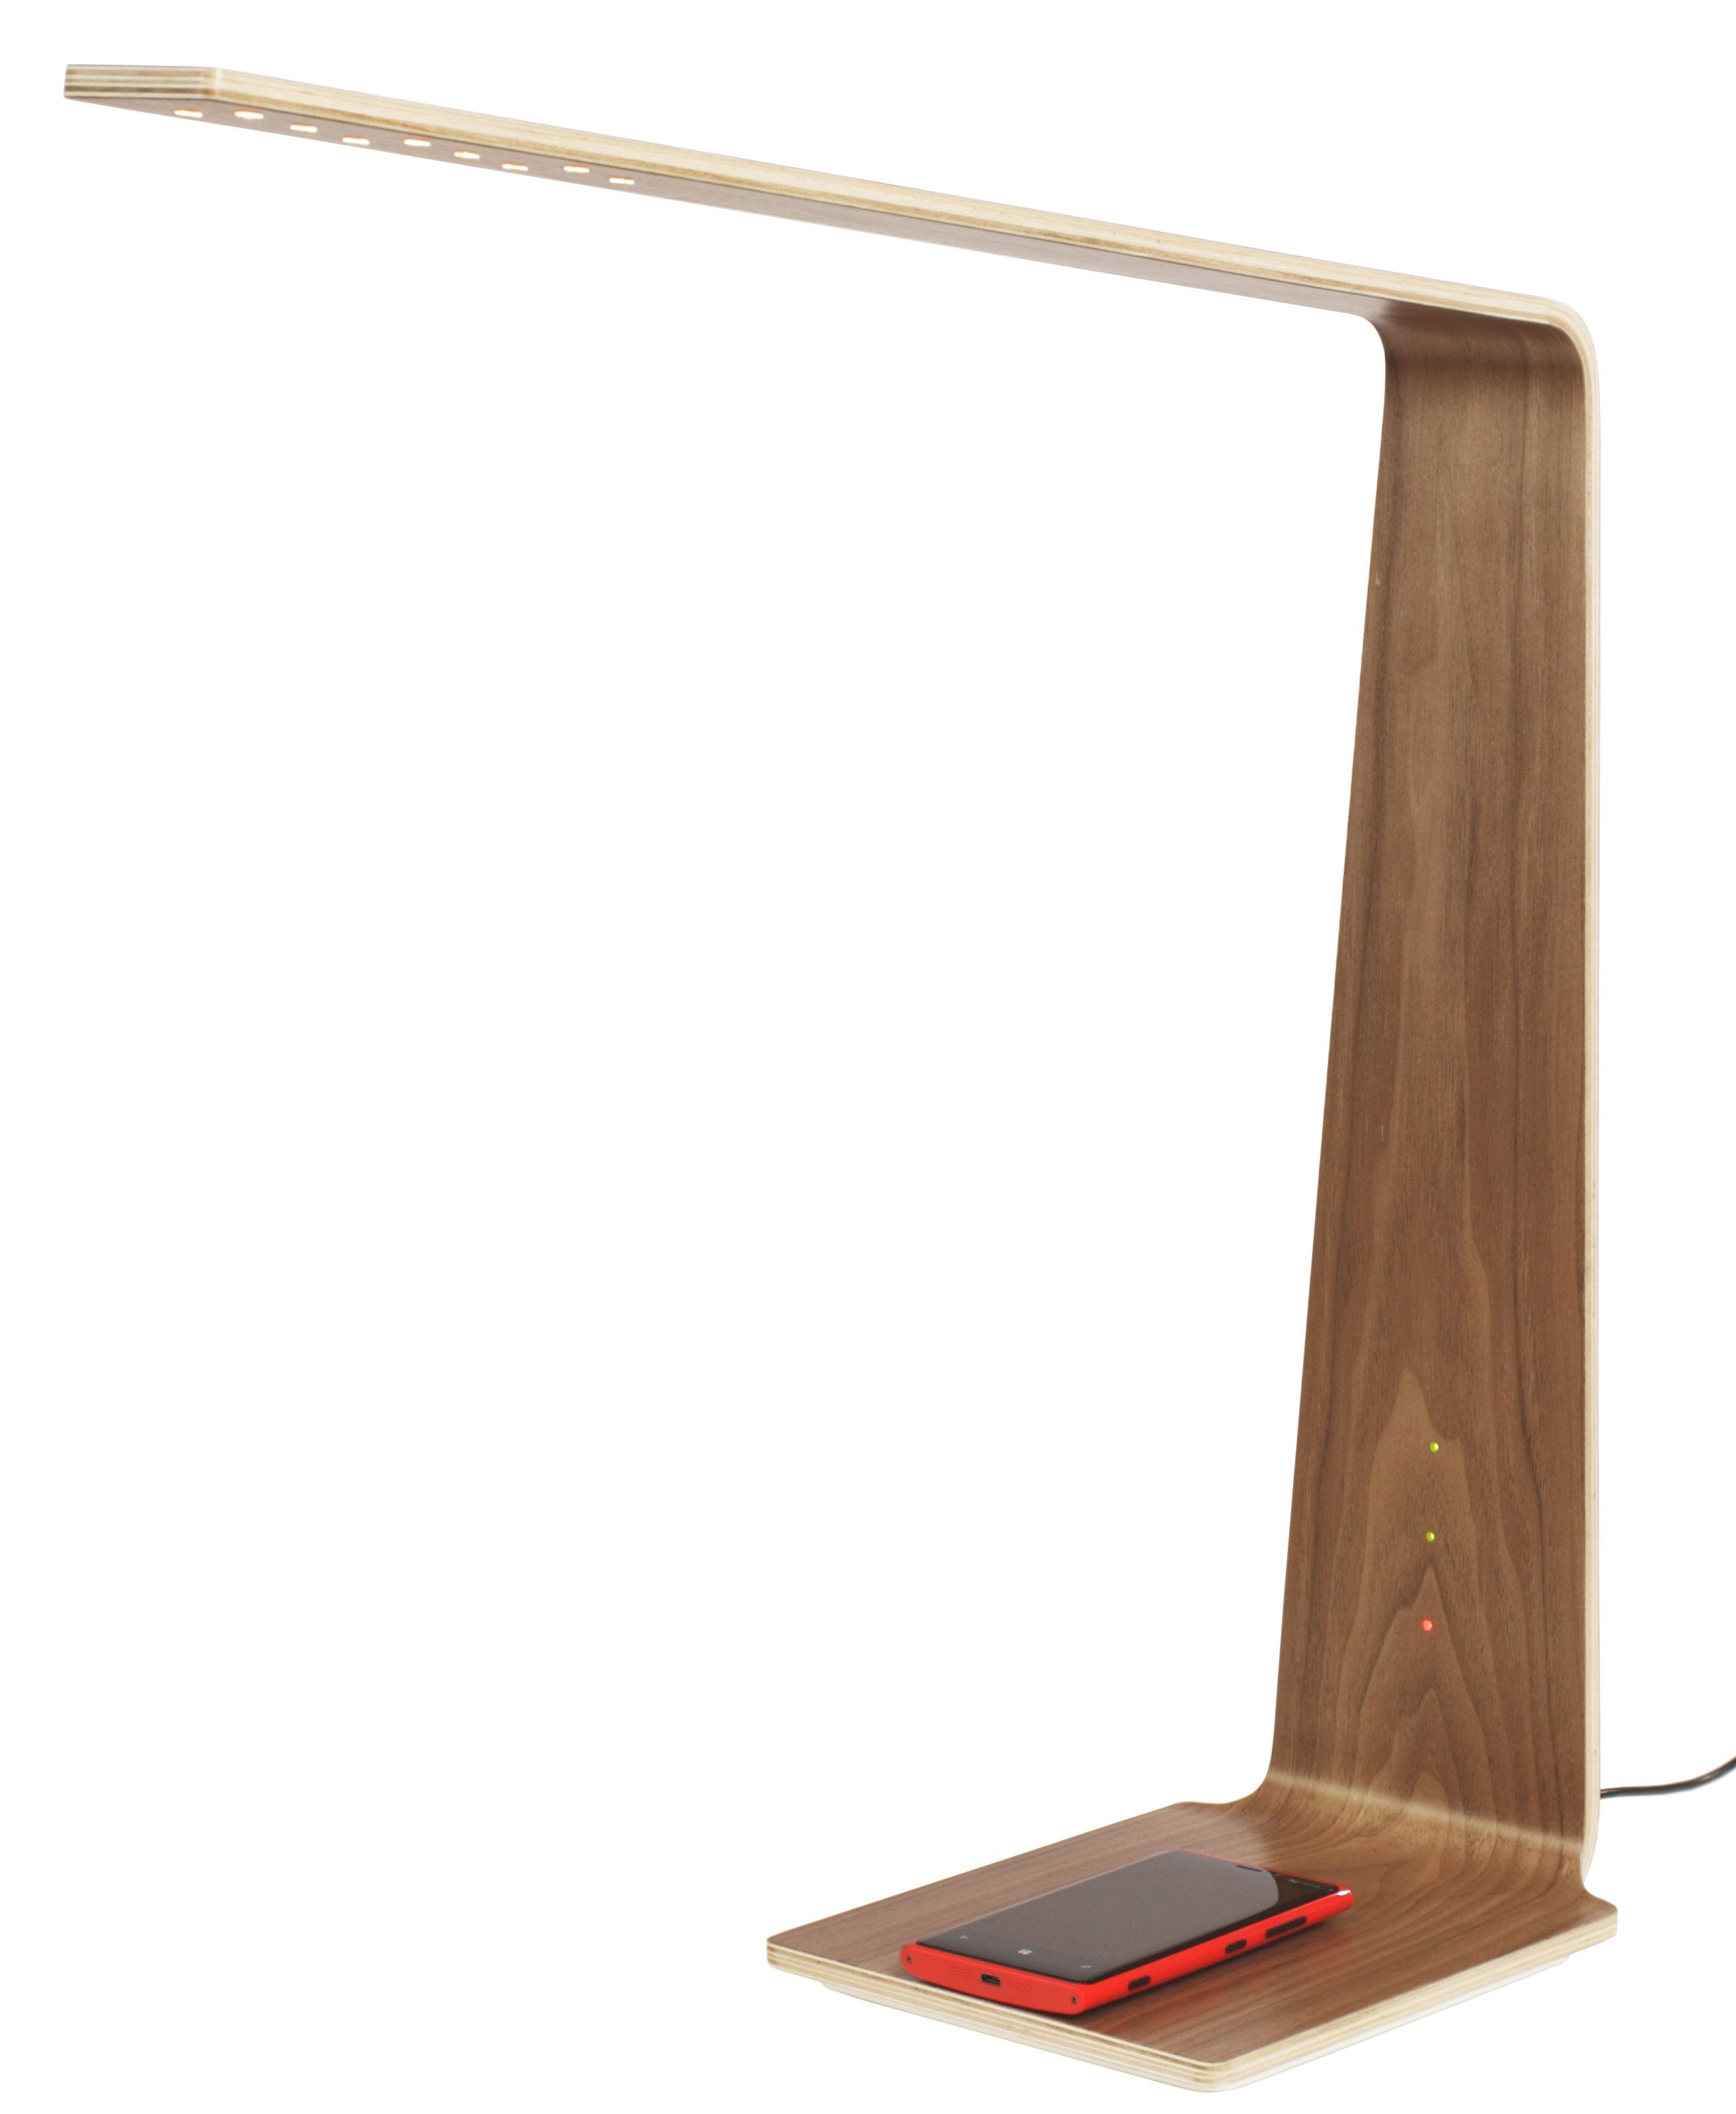 Leuchten - Tischleuchten - LED8 Lampe ohne Kabel / kabellose Smartphone-Ladestation - Tunto - Nussbaum - Nussbaum